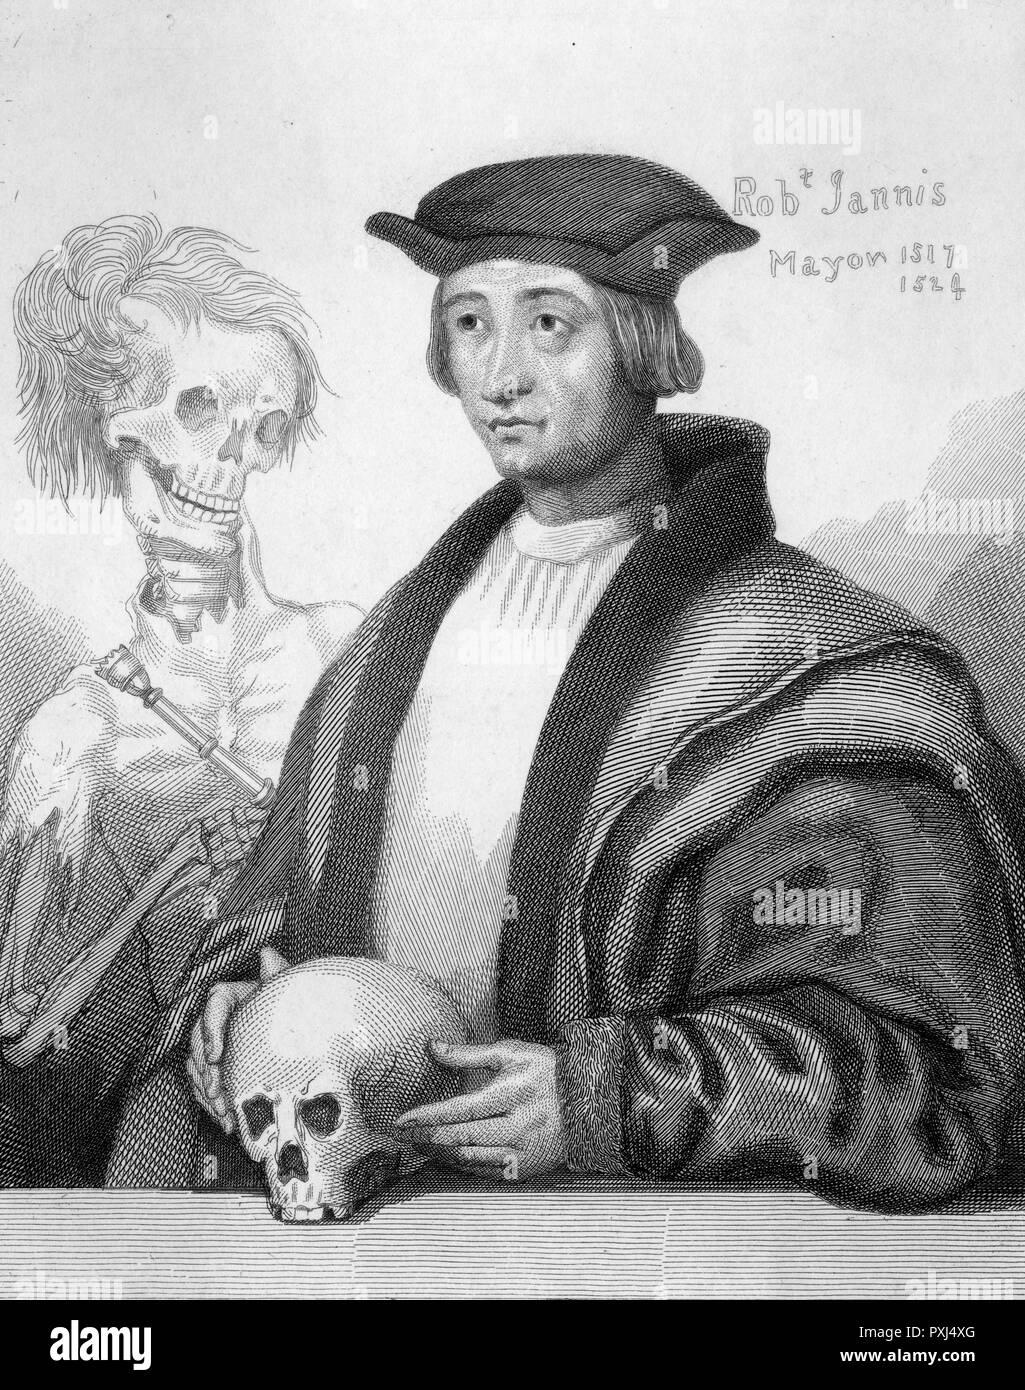 Robert Jannys, Maire de Norwich en 1517, semble beaucoup obsédé par la mort, tenant un crâne tandis qu'un squelette gibbers à ses côtés Date: 1517 Photo Stock